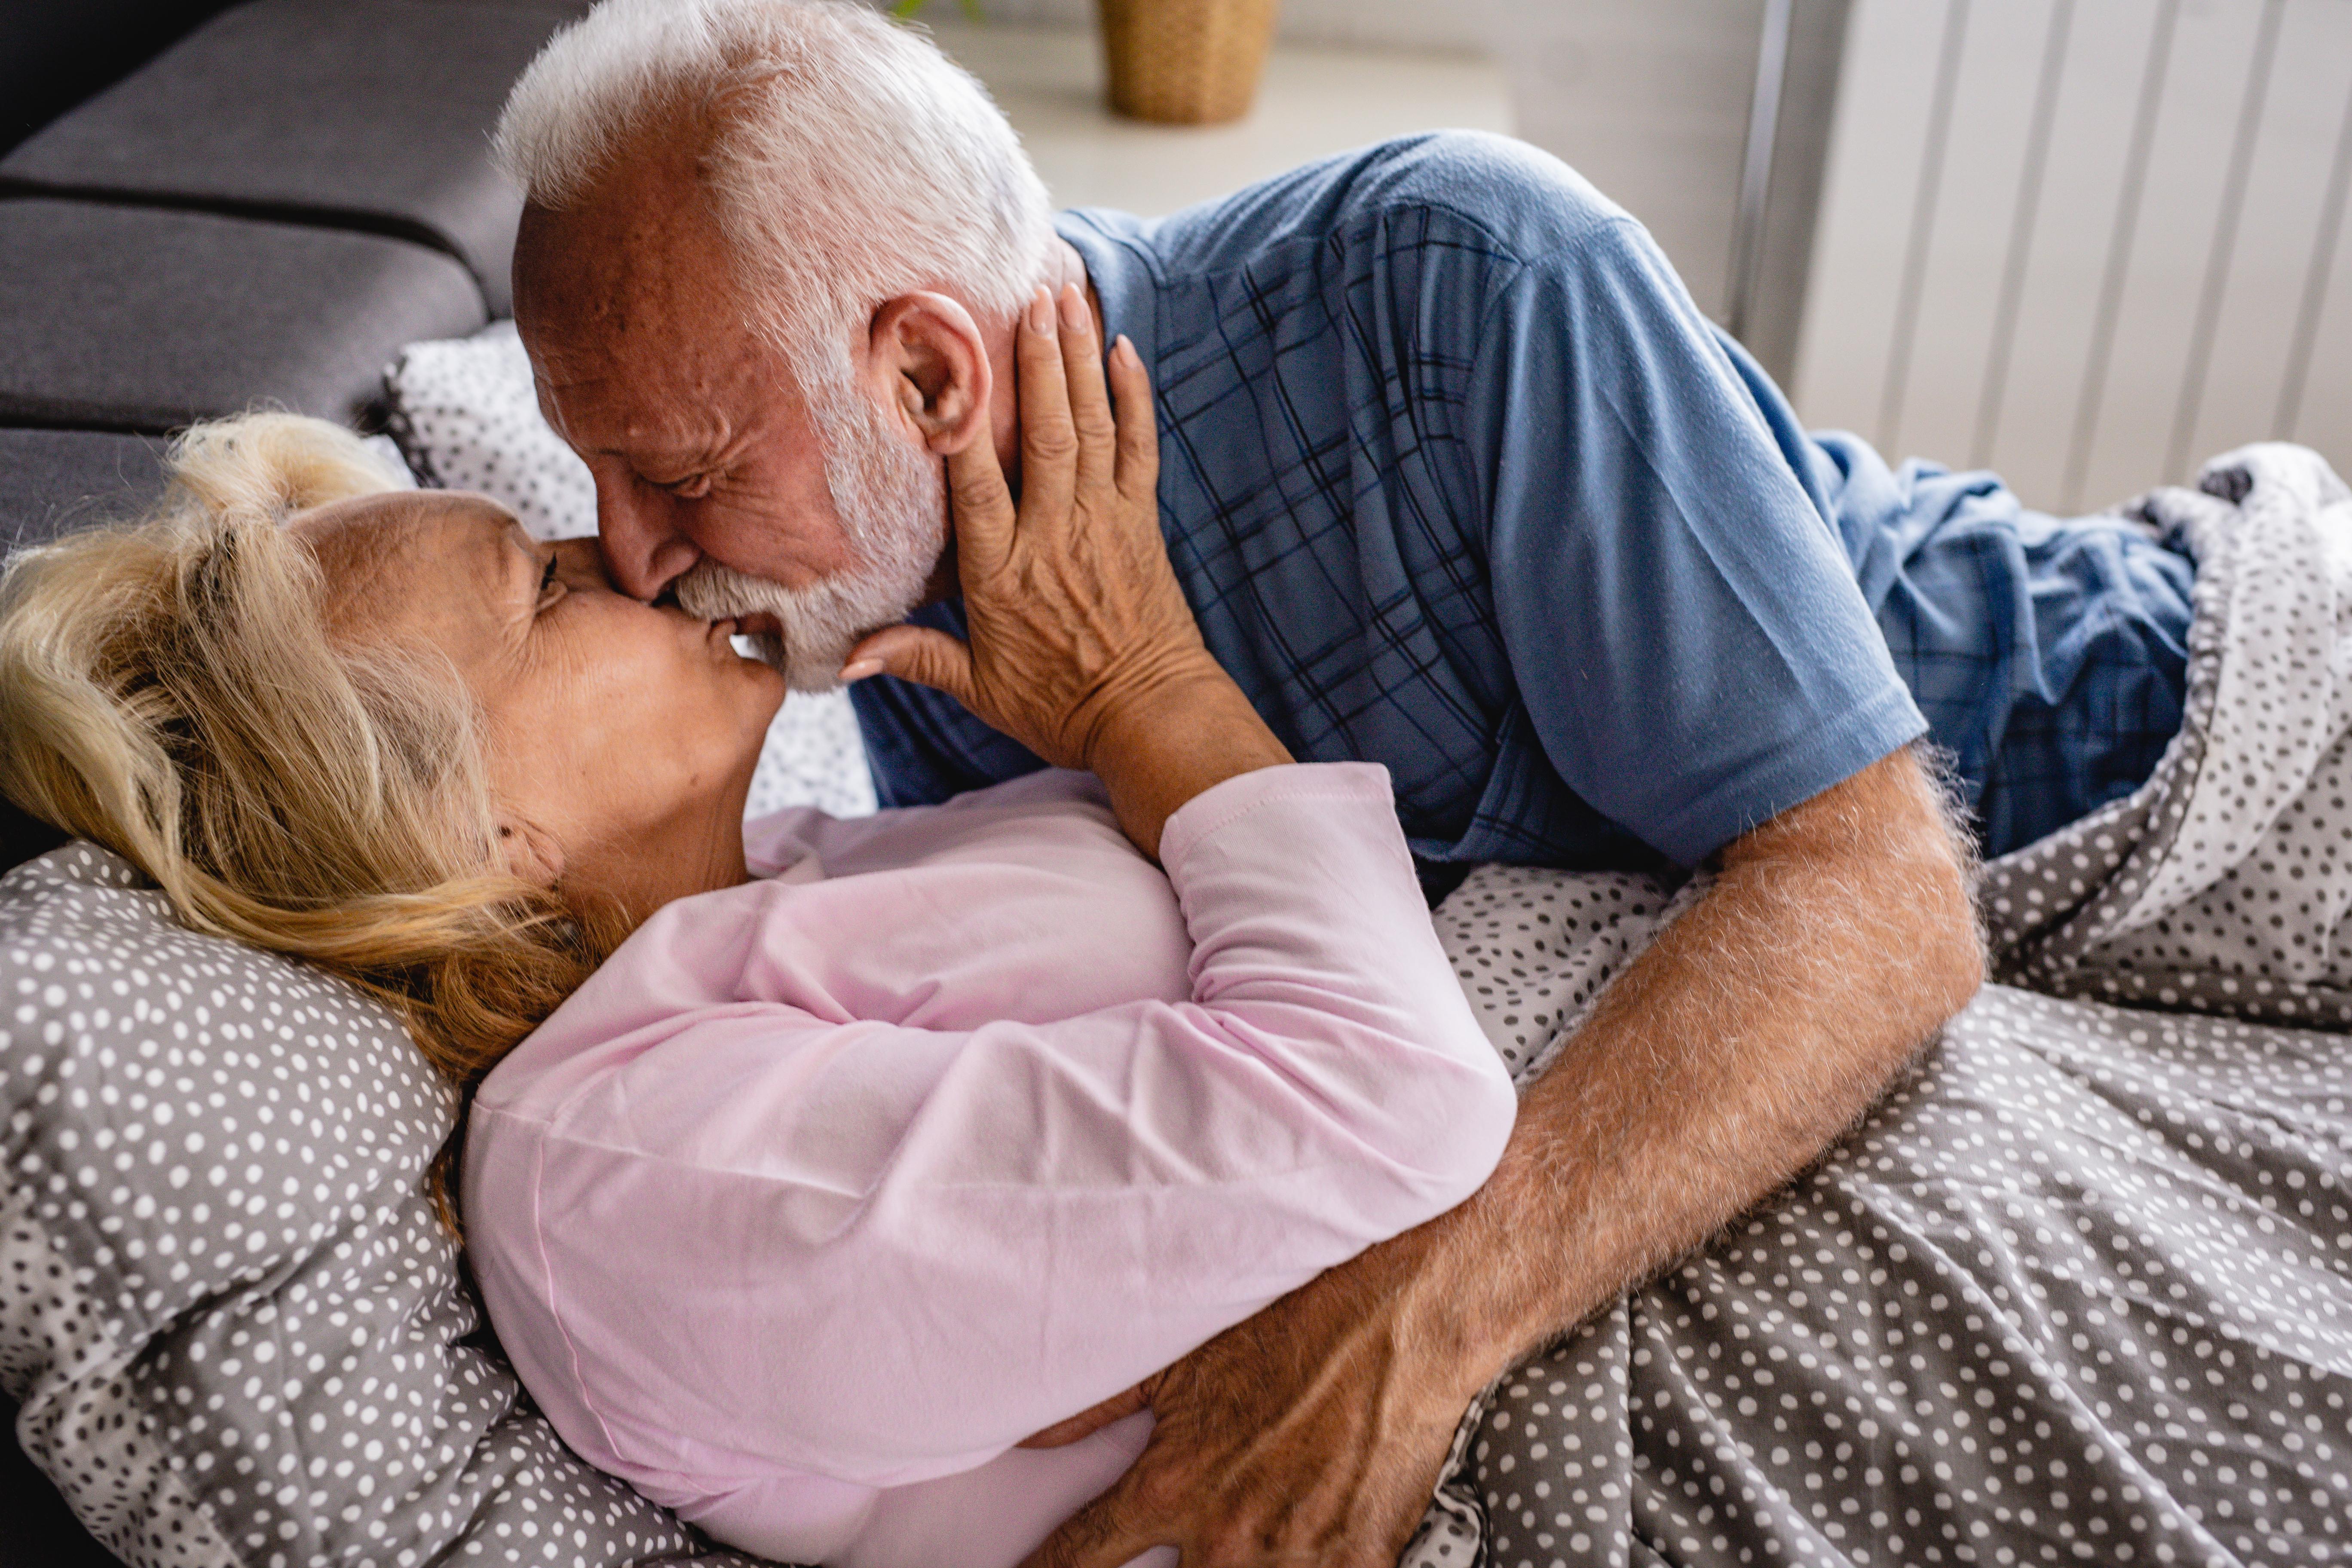 <p>Какви други желания за изява на сексуалното поприще през новата година имат британците - вижте следващите снимки!</p>